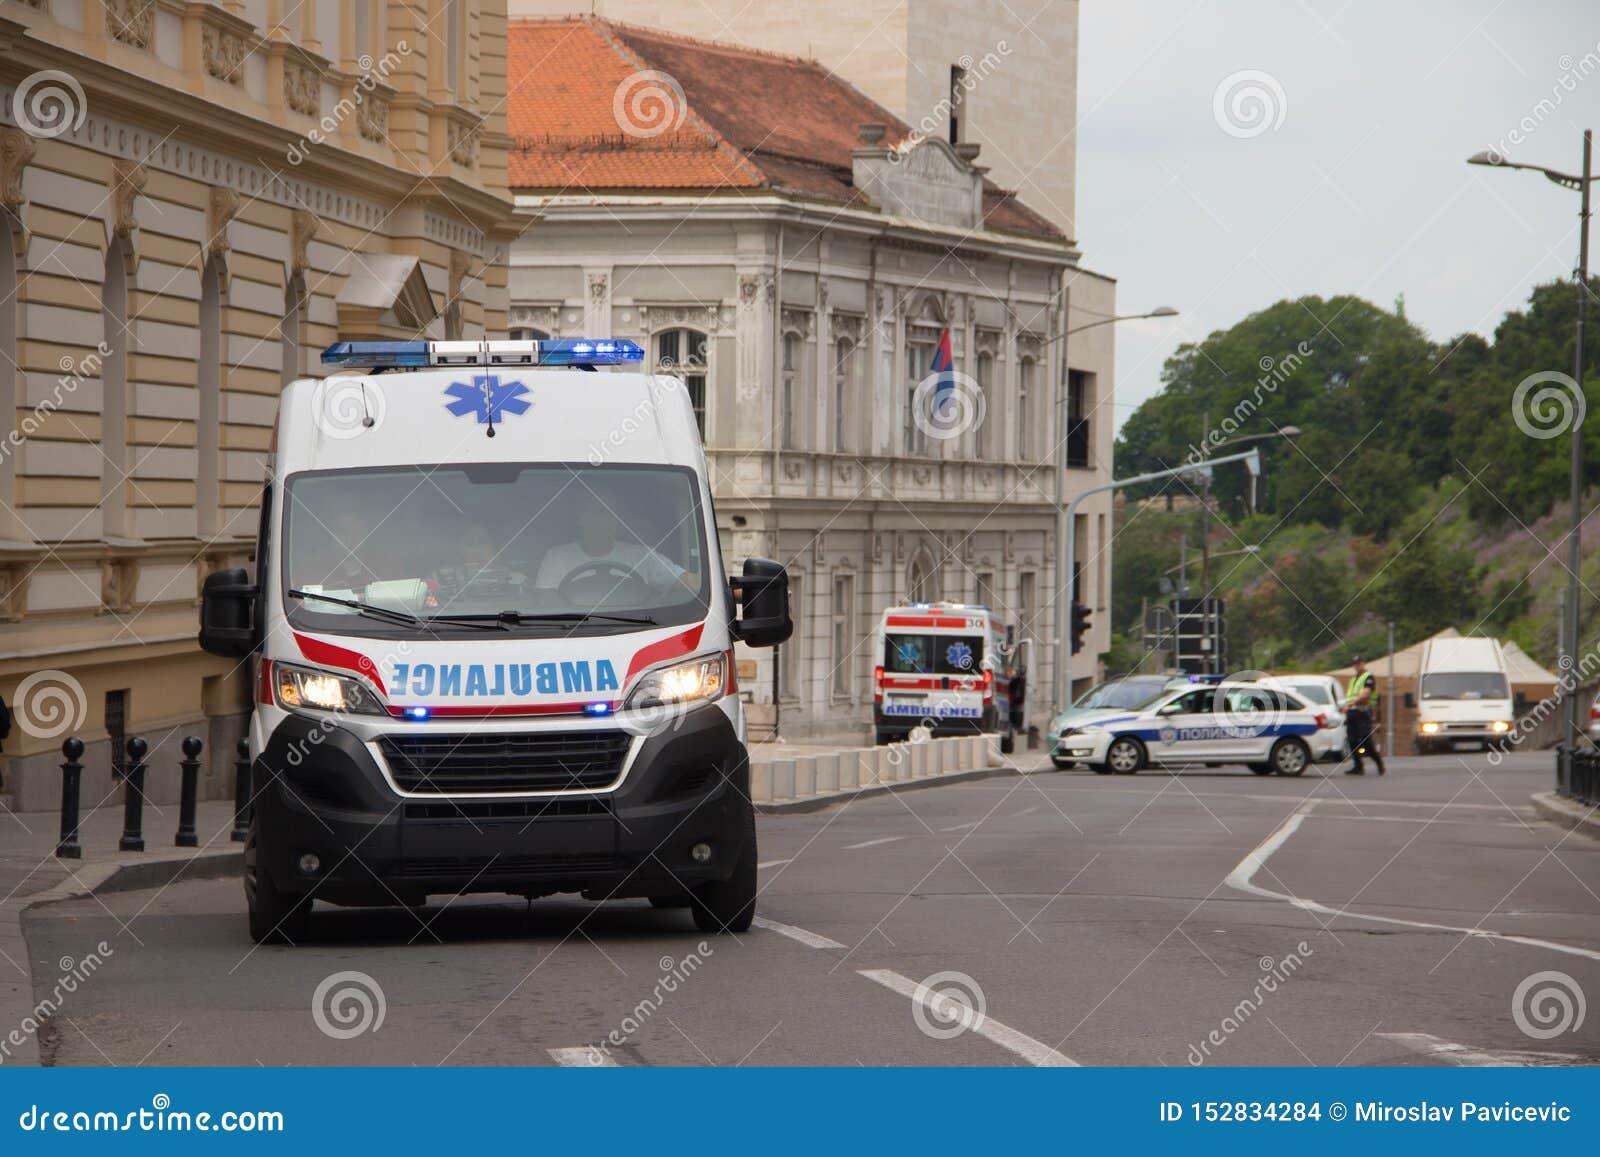 Sanitätswagen auf der Straße, mit Polizei im Hintergrund, allgemeines Ereignis sichernd